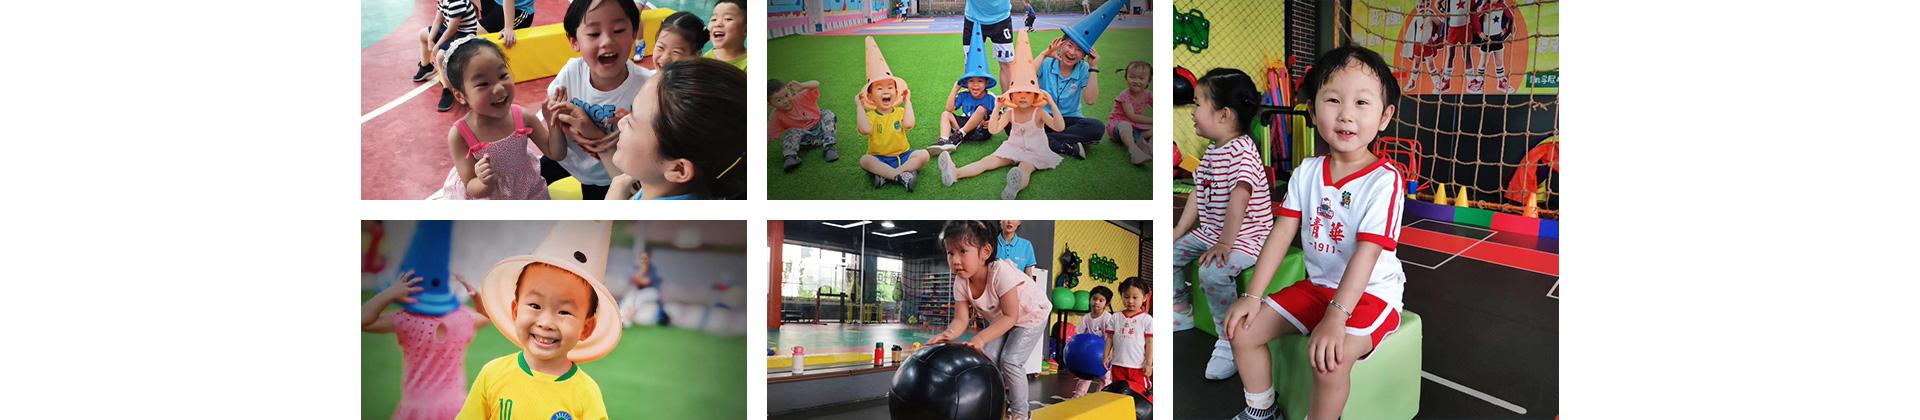 凯孚尼儿童运动馆详情页_24